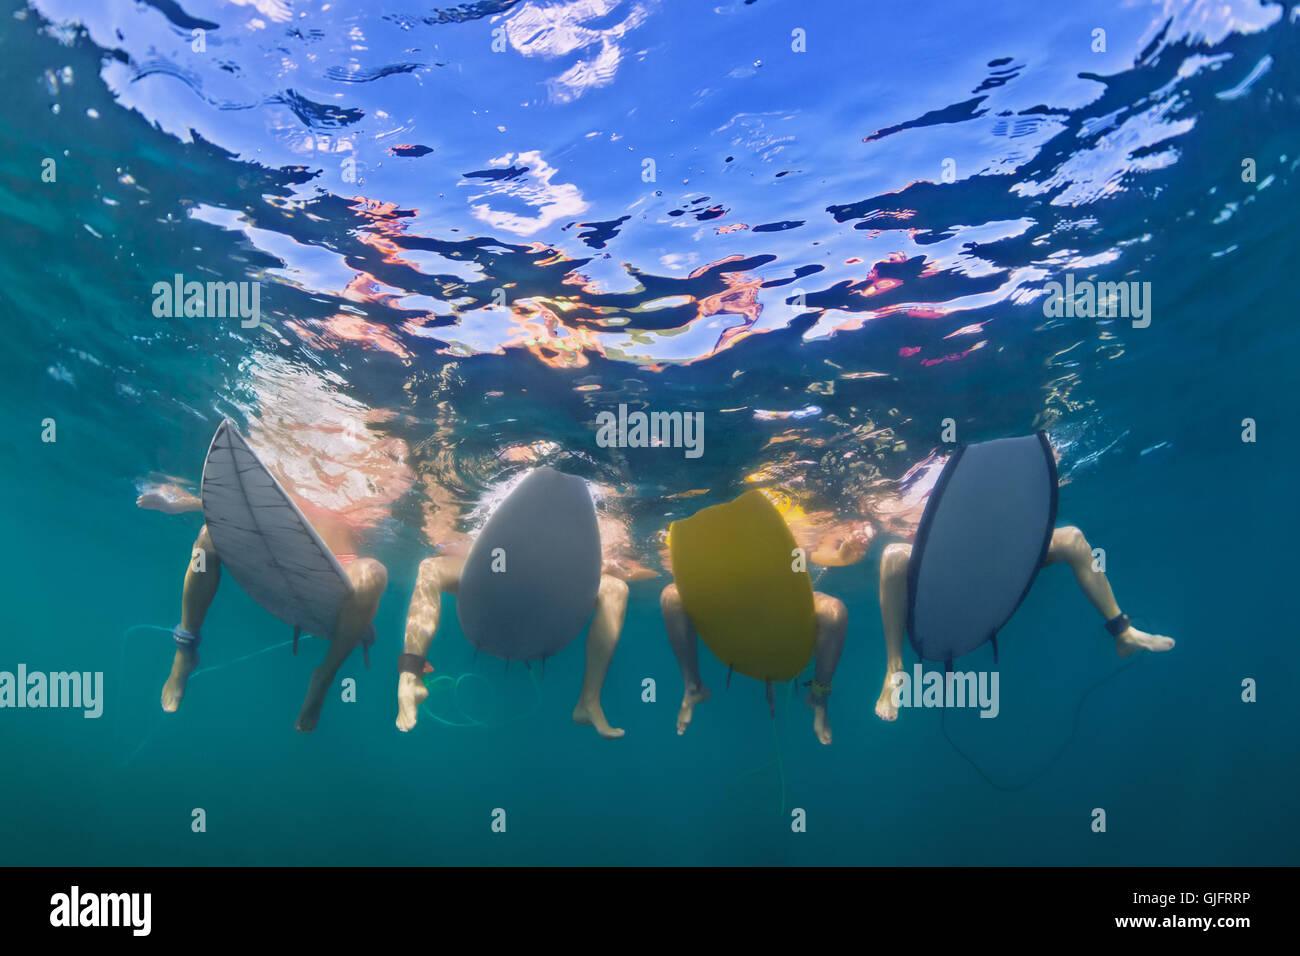 Les jeunes filles en bikini surf actif - surfers s'asseoir sur des planches de surf, attendre grand océan Photo Stock